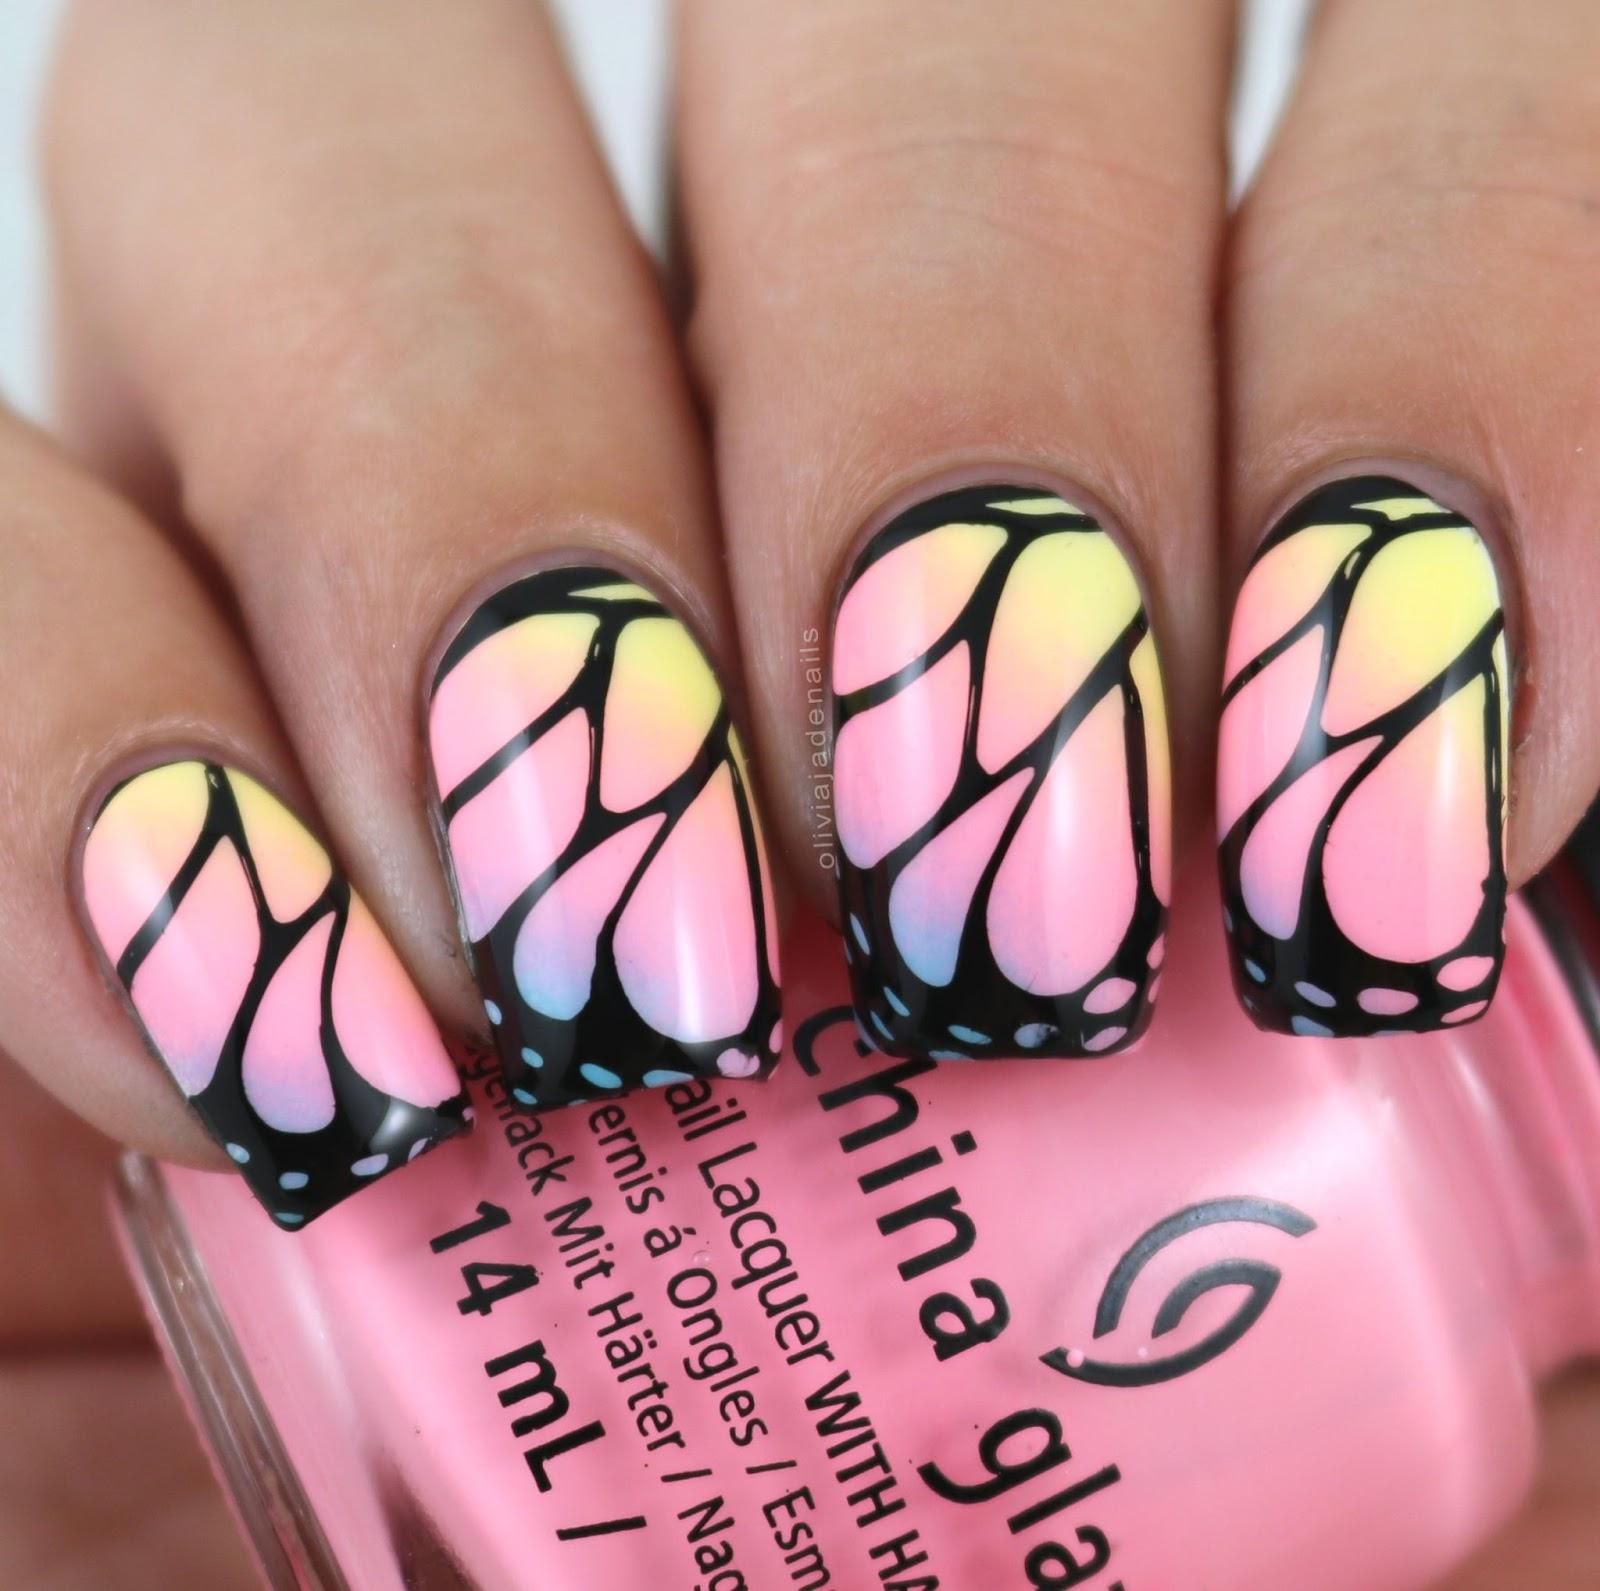 Olivia jade nails crumpets nail tarts 26 great nail art ideas i prinsesfo Gallery